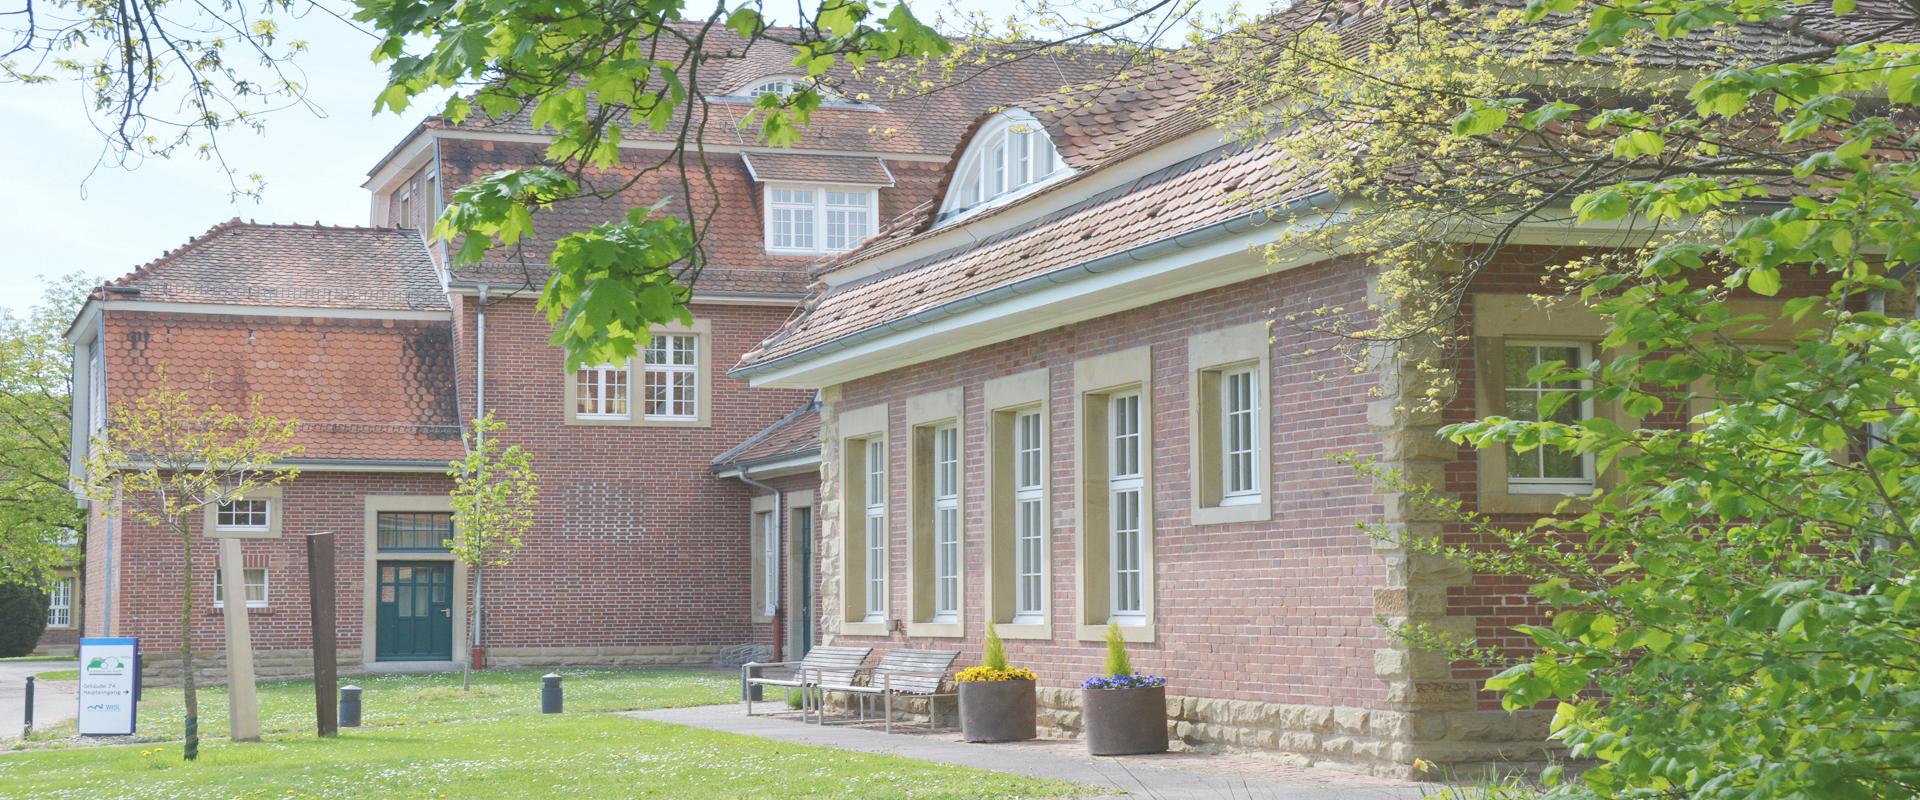 Akademie im Park